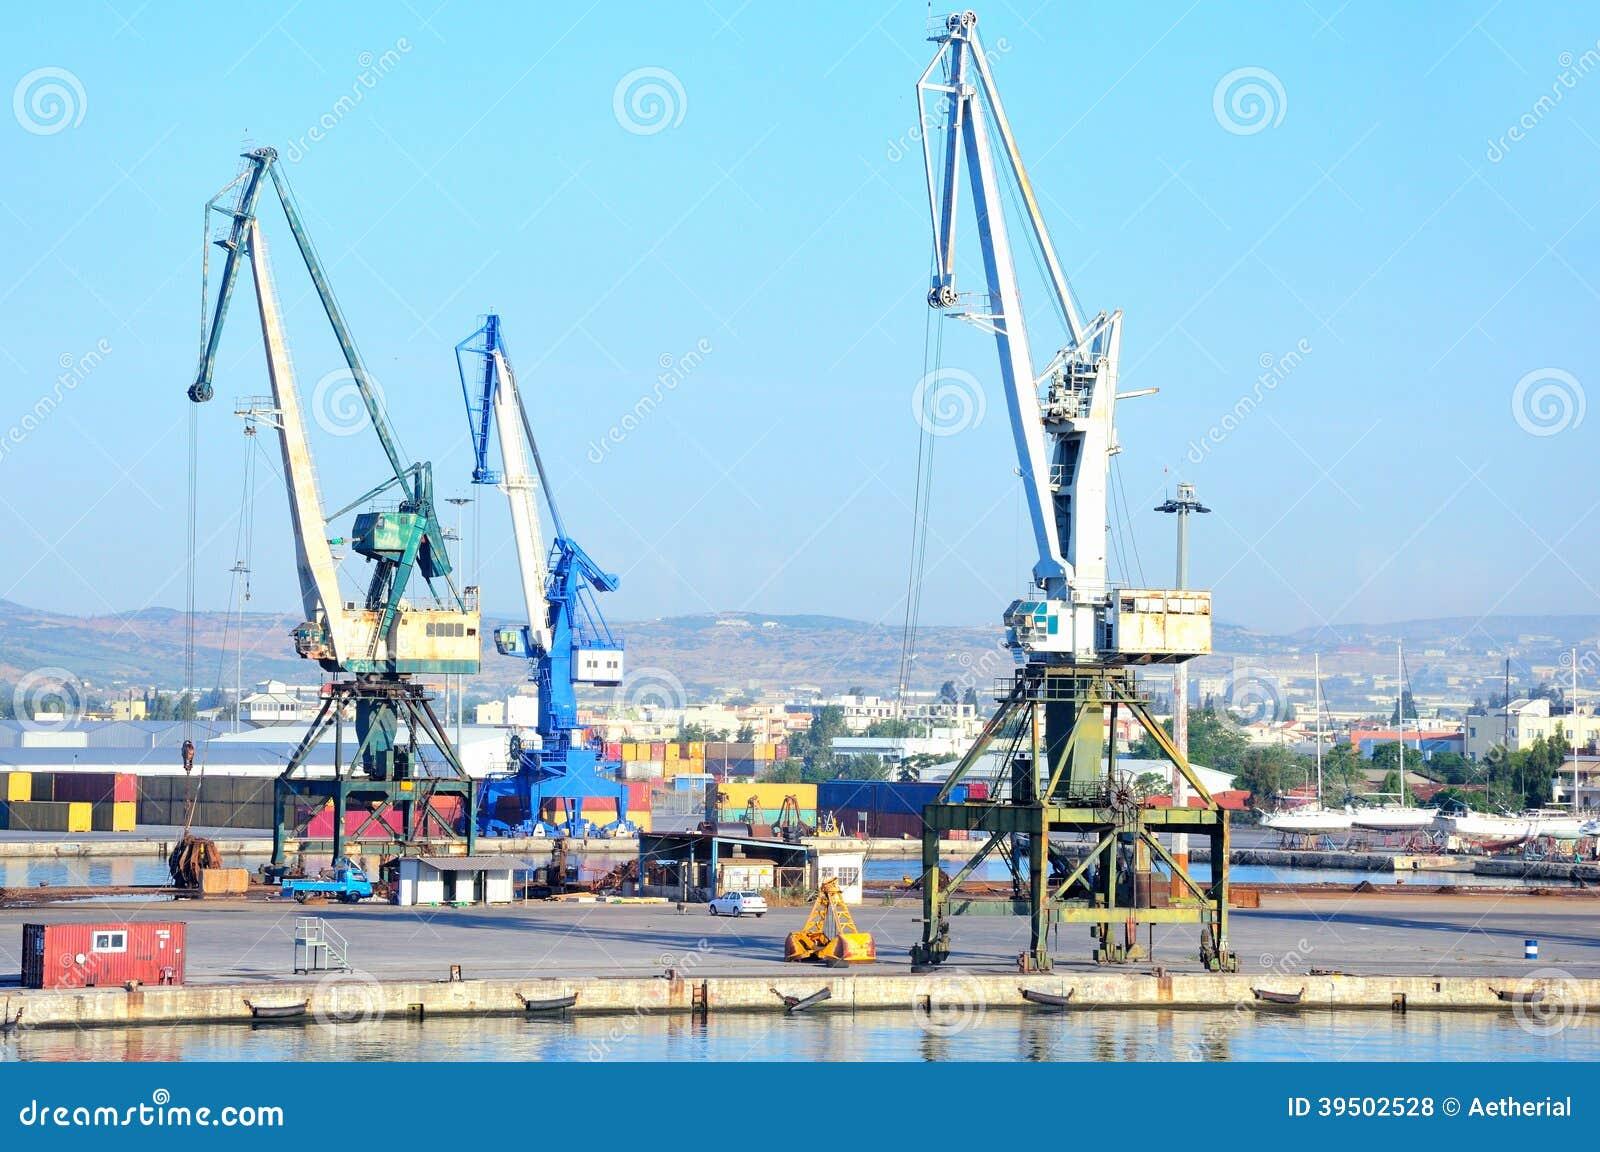 Industrial harbor in Volos, Greece